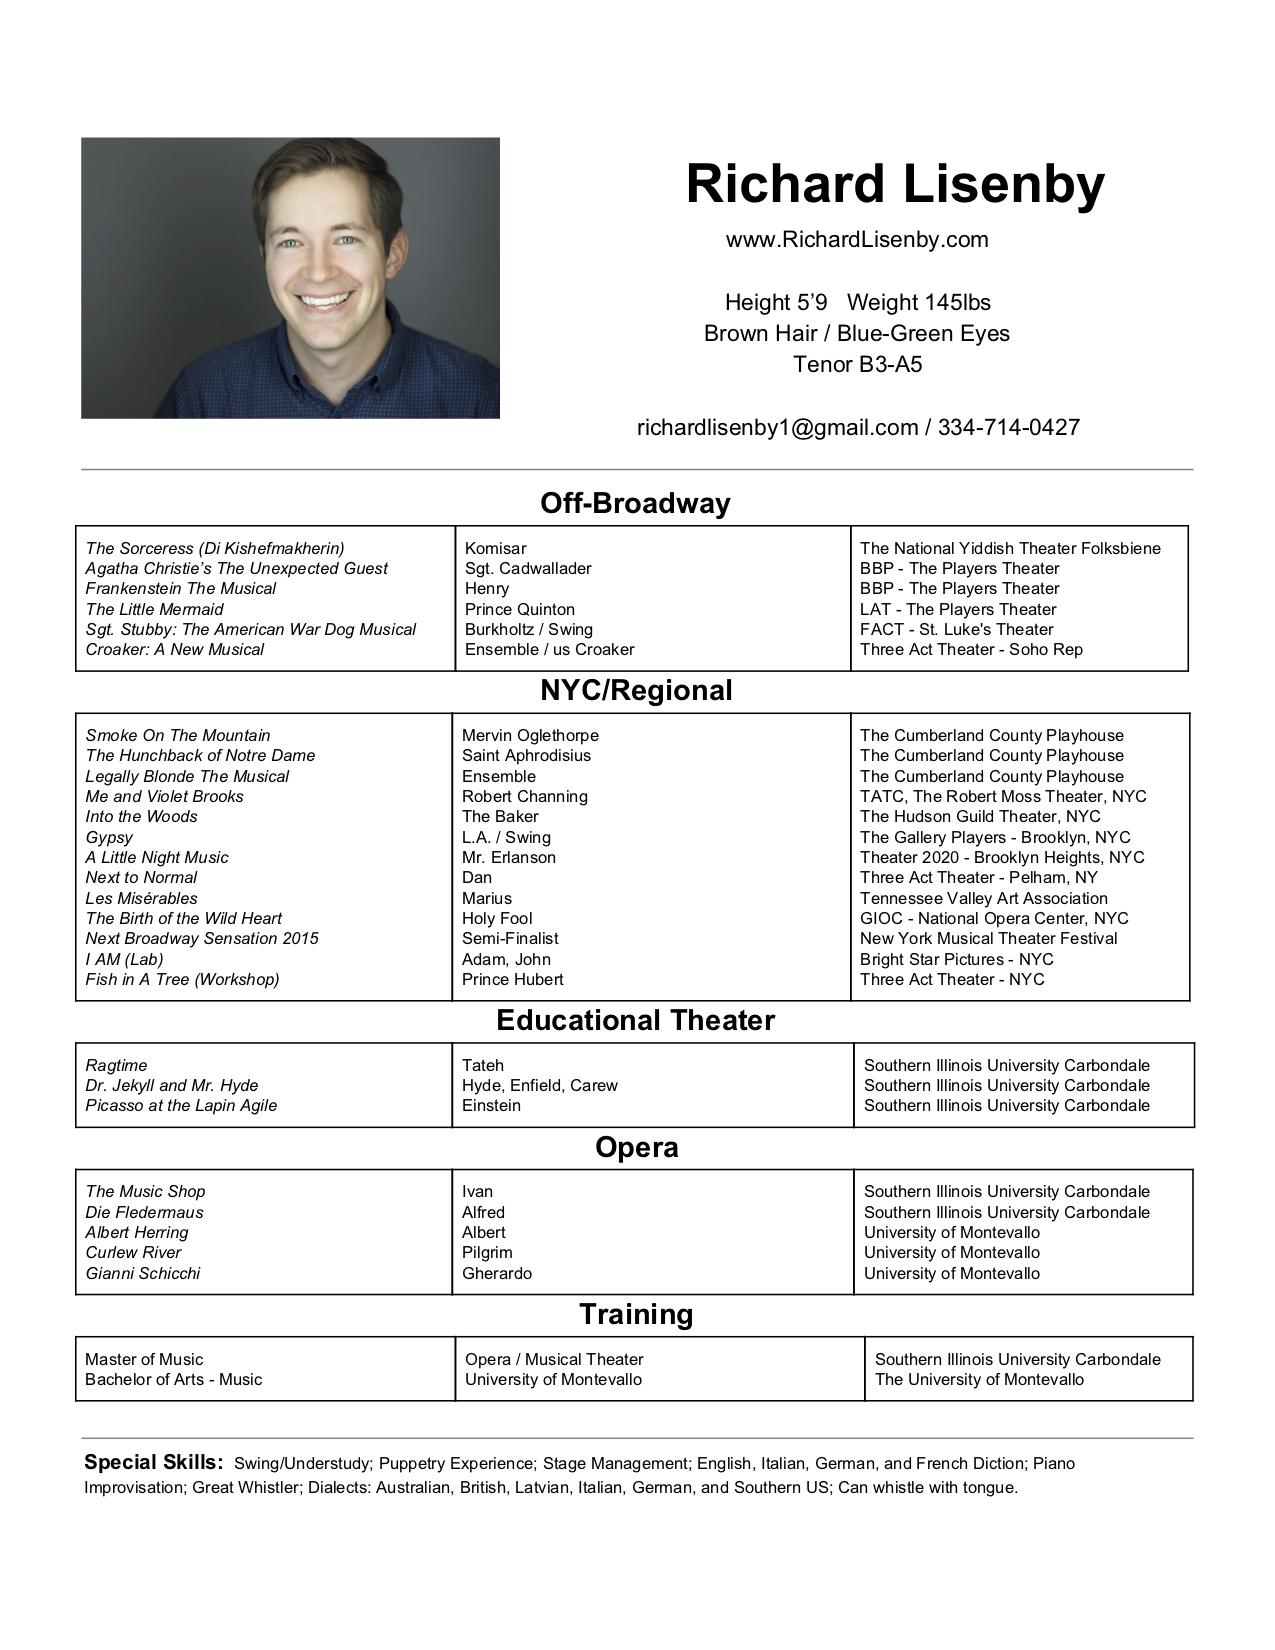 Richard Lisenby MT Resume (3)jpg.jpg